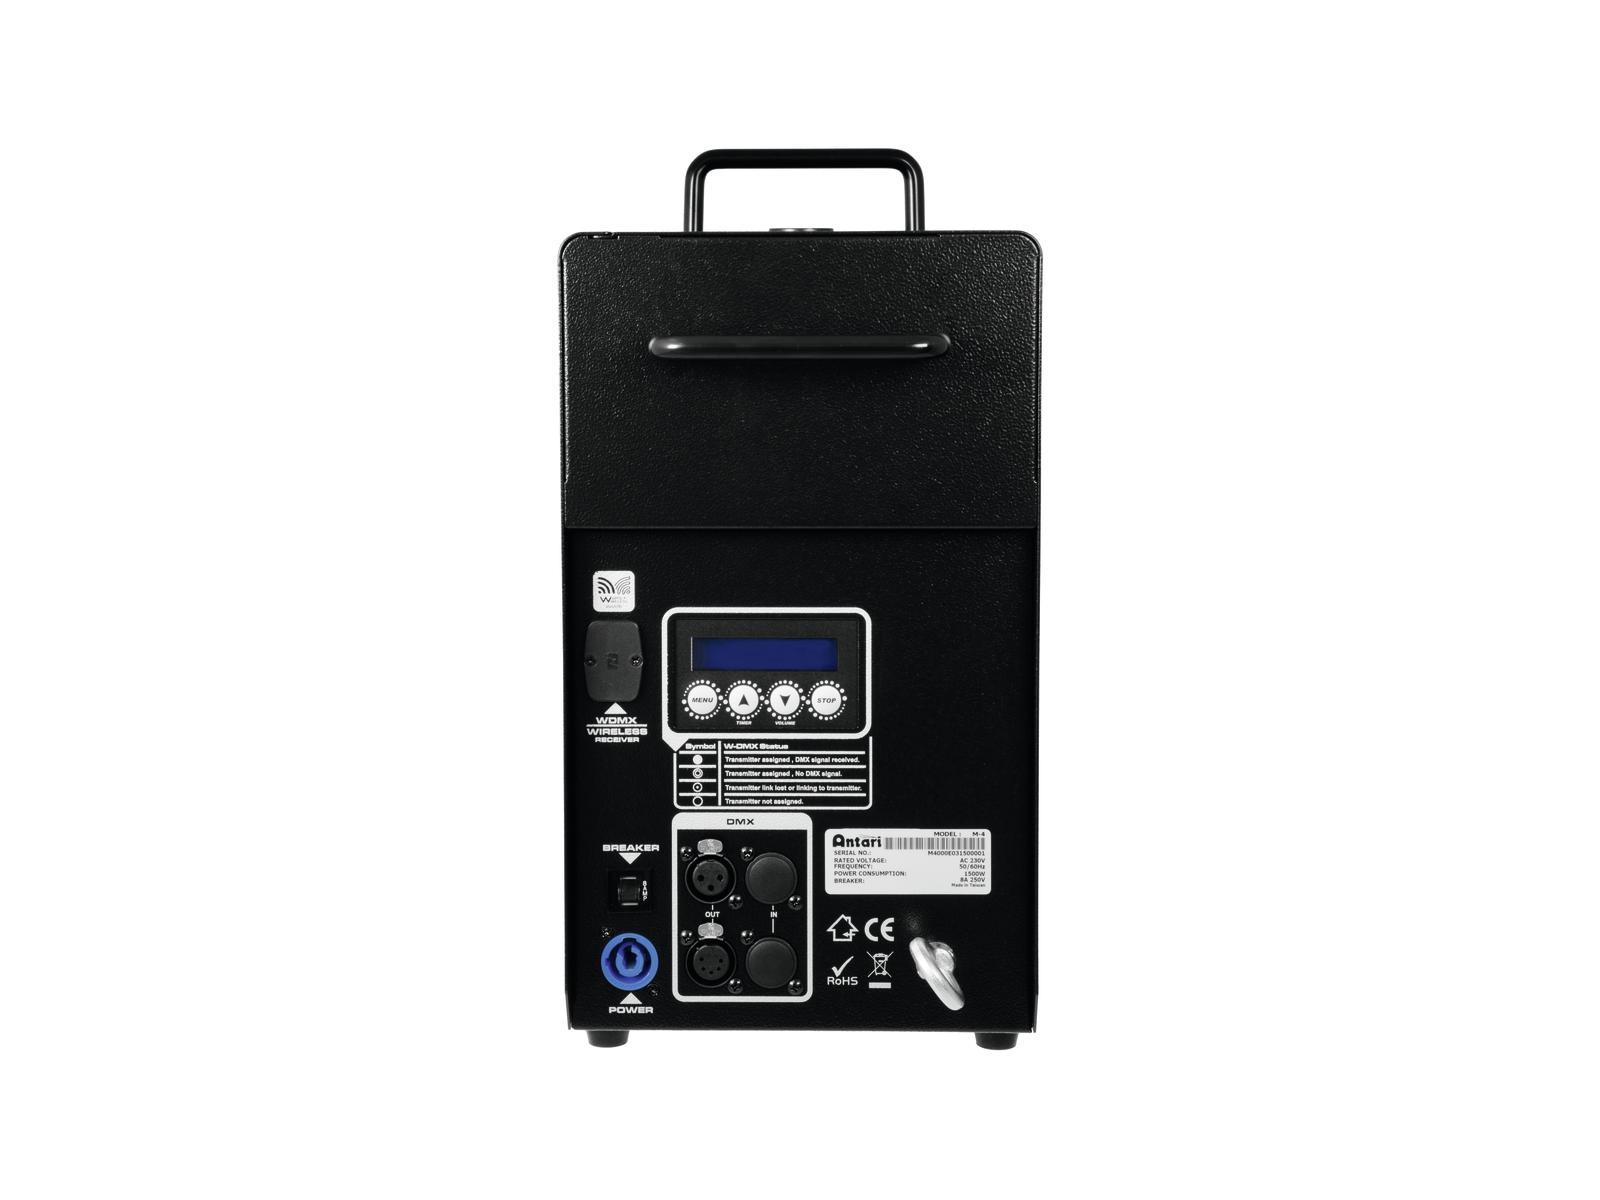 Macchina del fumo-nebbia alte prestazioni 1500 W wireless DMX ANTARI M-4